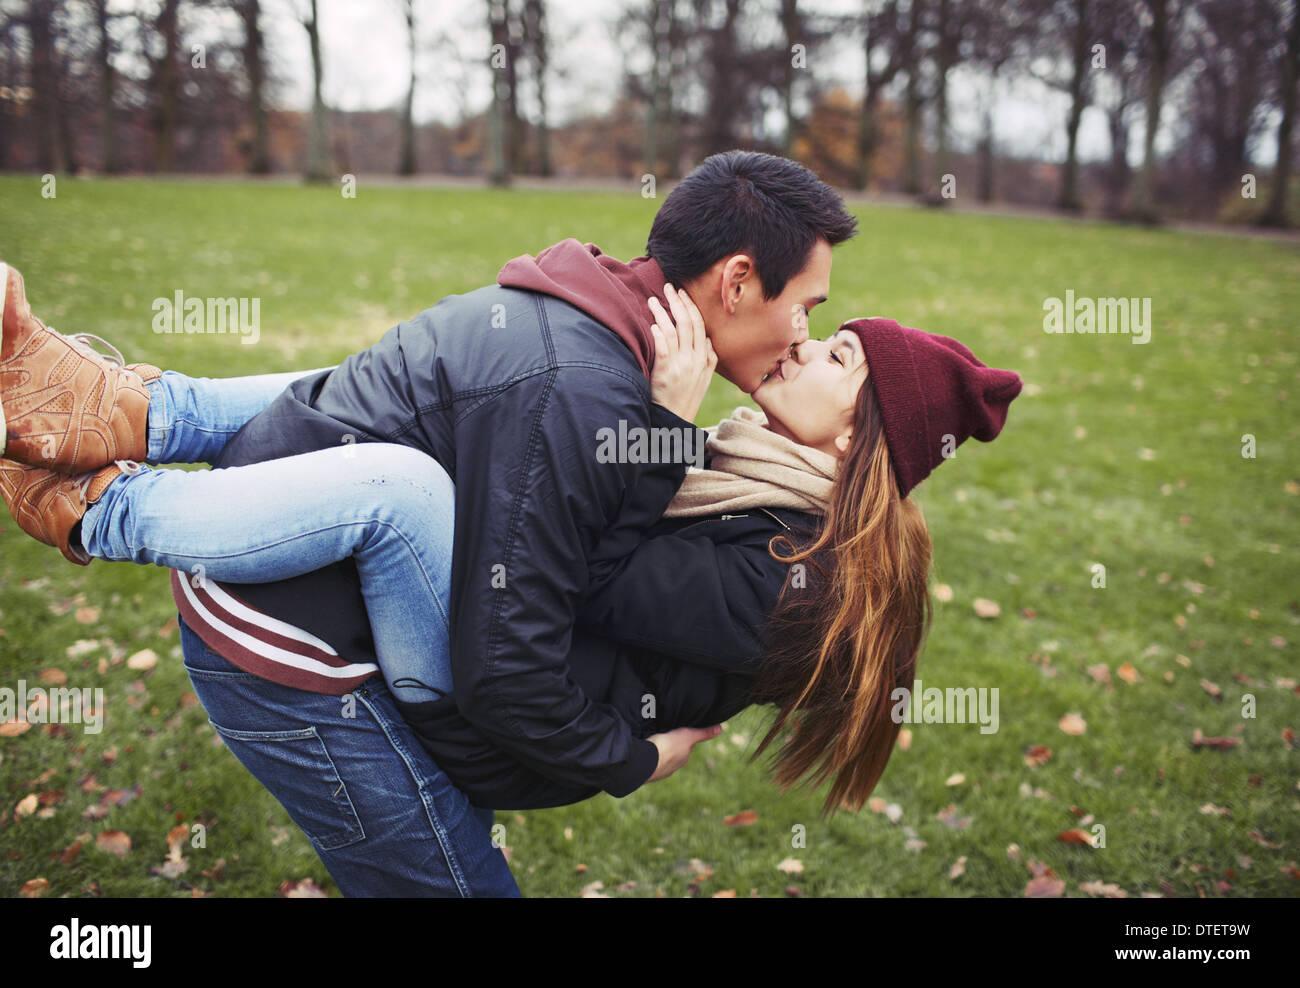 Attraente giovane portando la sua bella ragazza e baciare. Razza mista matura in amore all'aperto nel parco. Immagini Stock